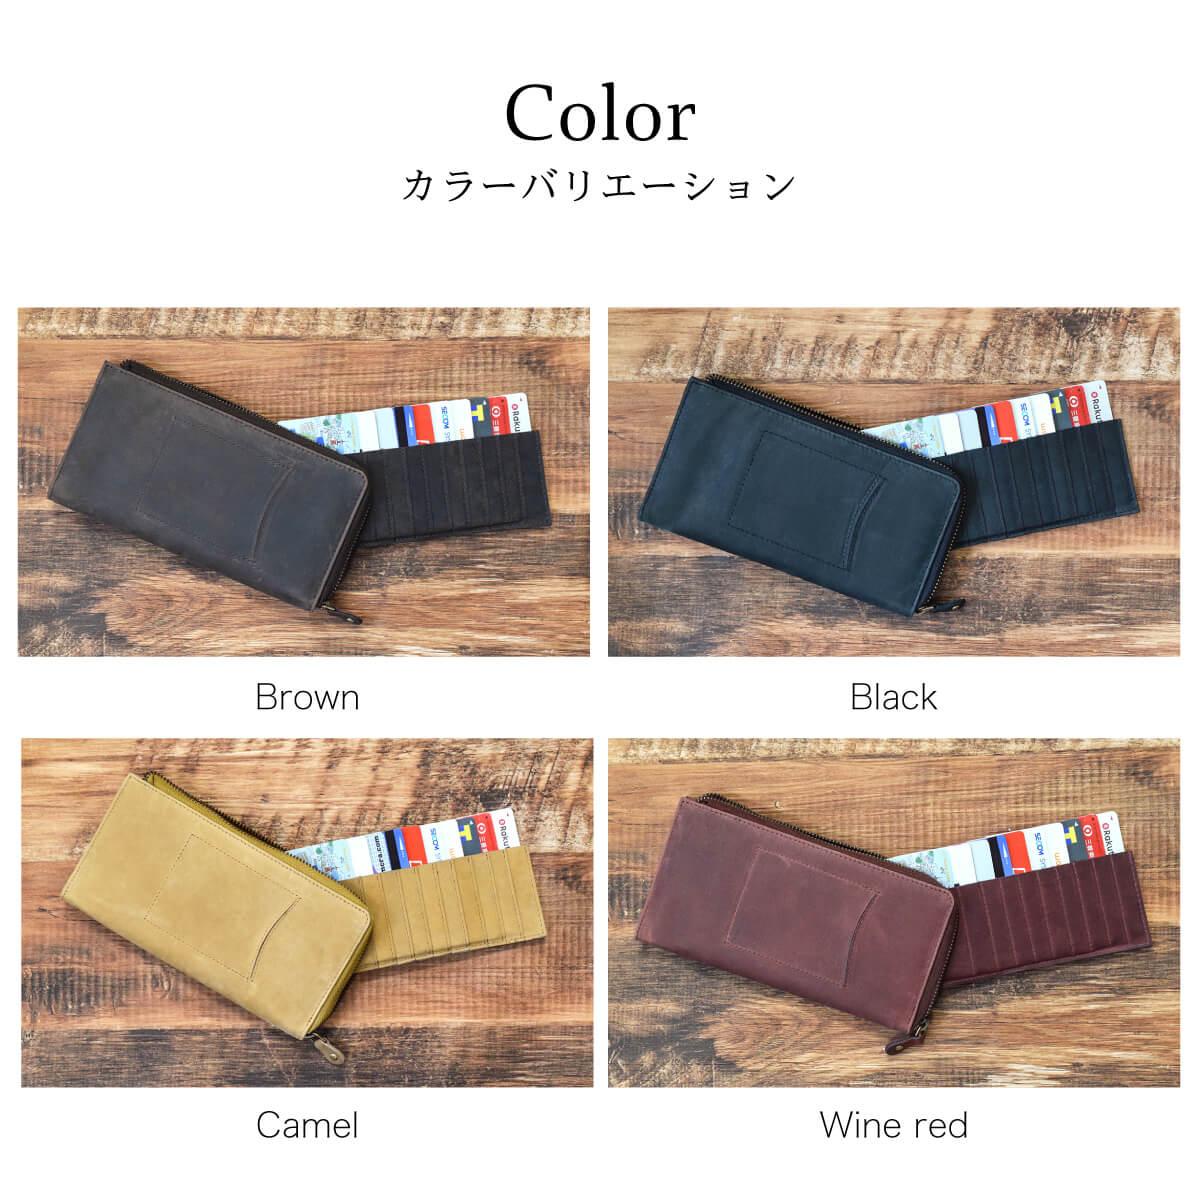 インナーカードケース 縦タイプ オールレザー 革 カード入れ 【名入れ可】